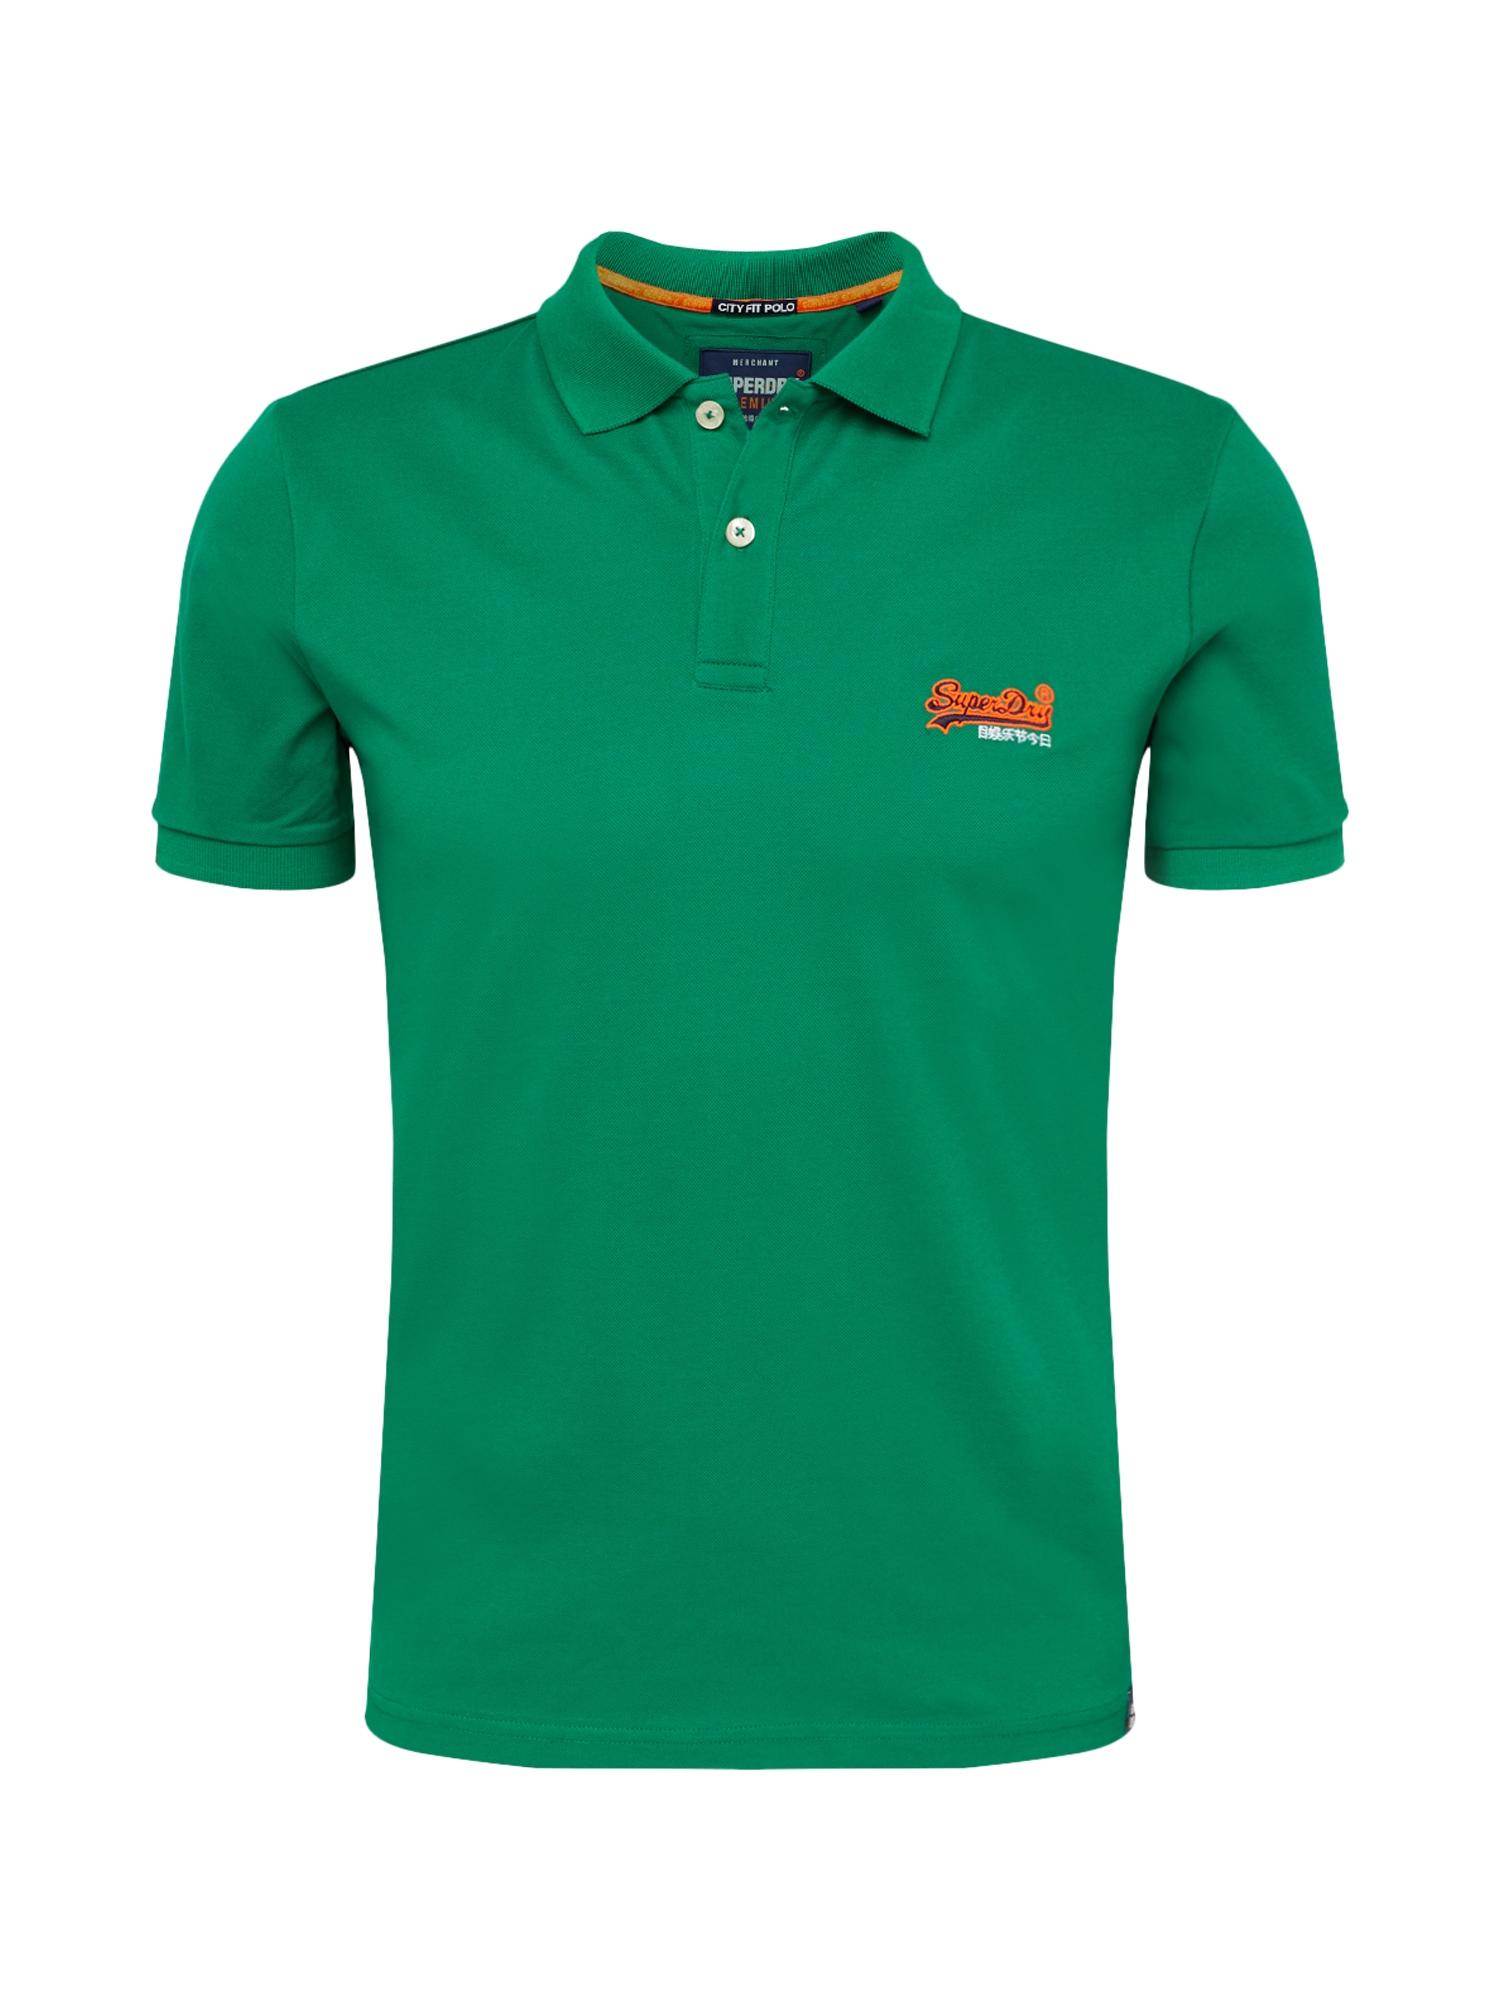 Tričko MERCERISED LITE CITY zelená oranžová bílá Superdry